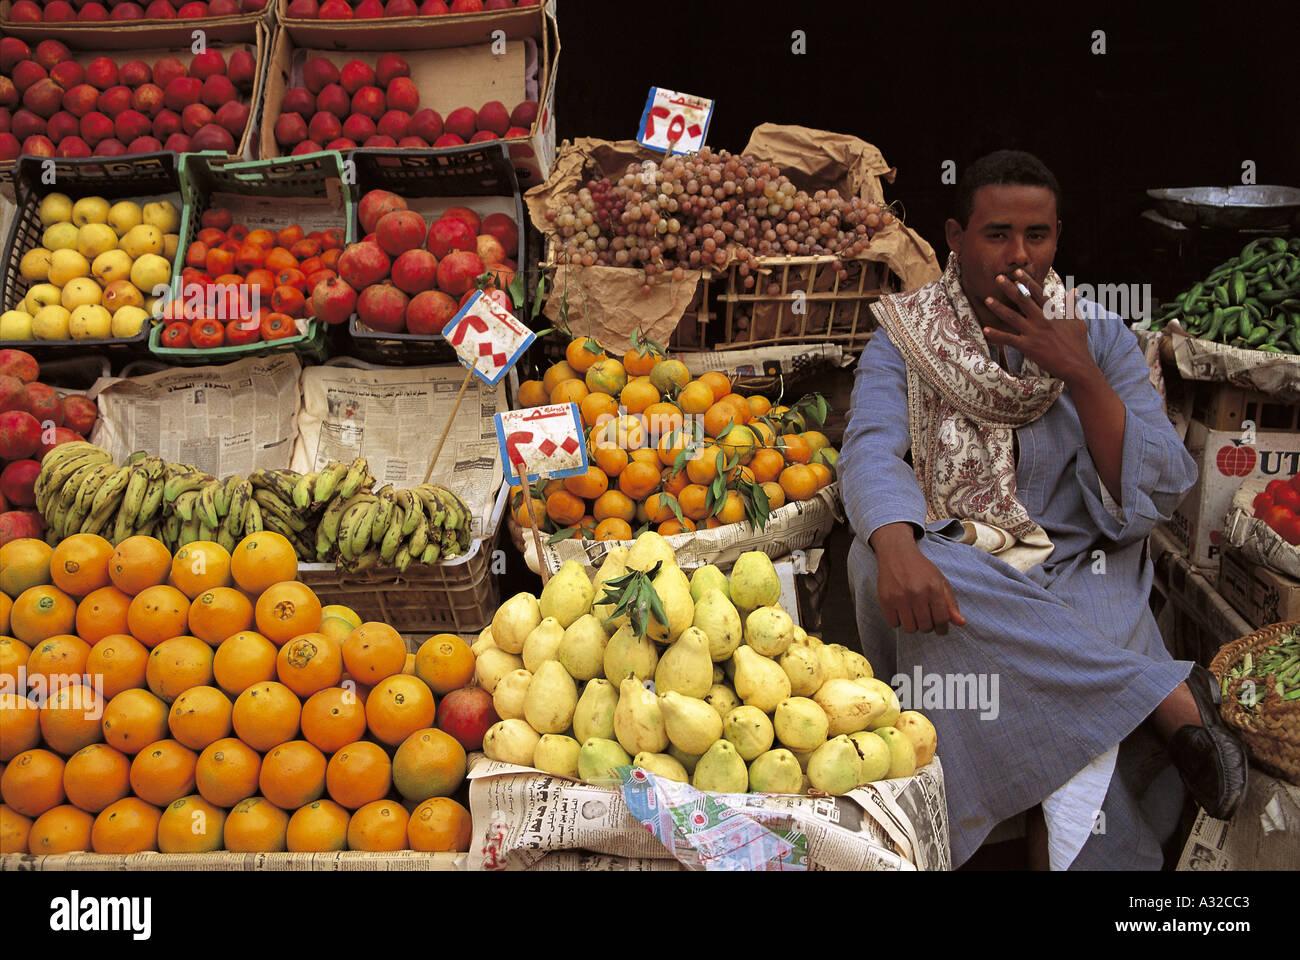 Fruit vegetable stall Stock Photo